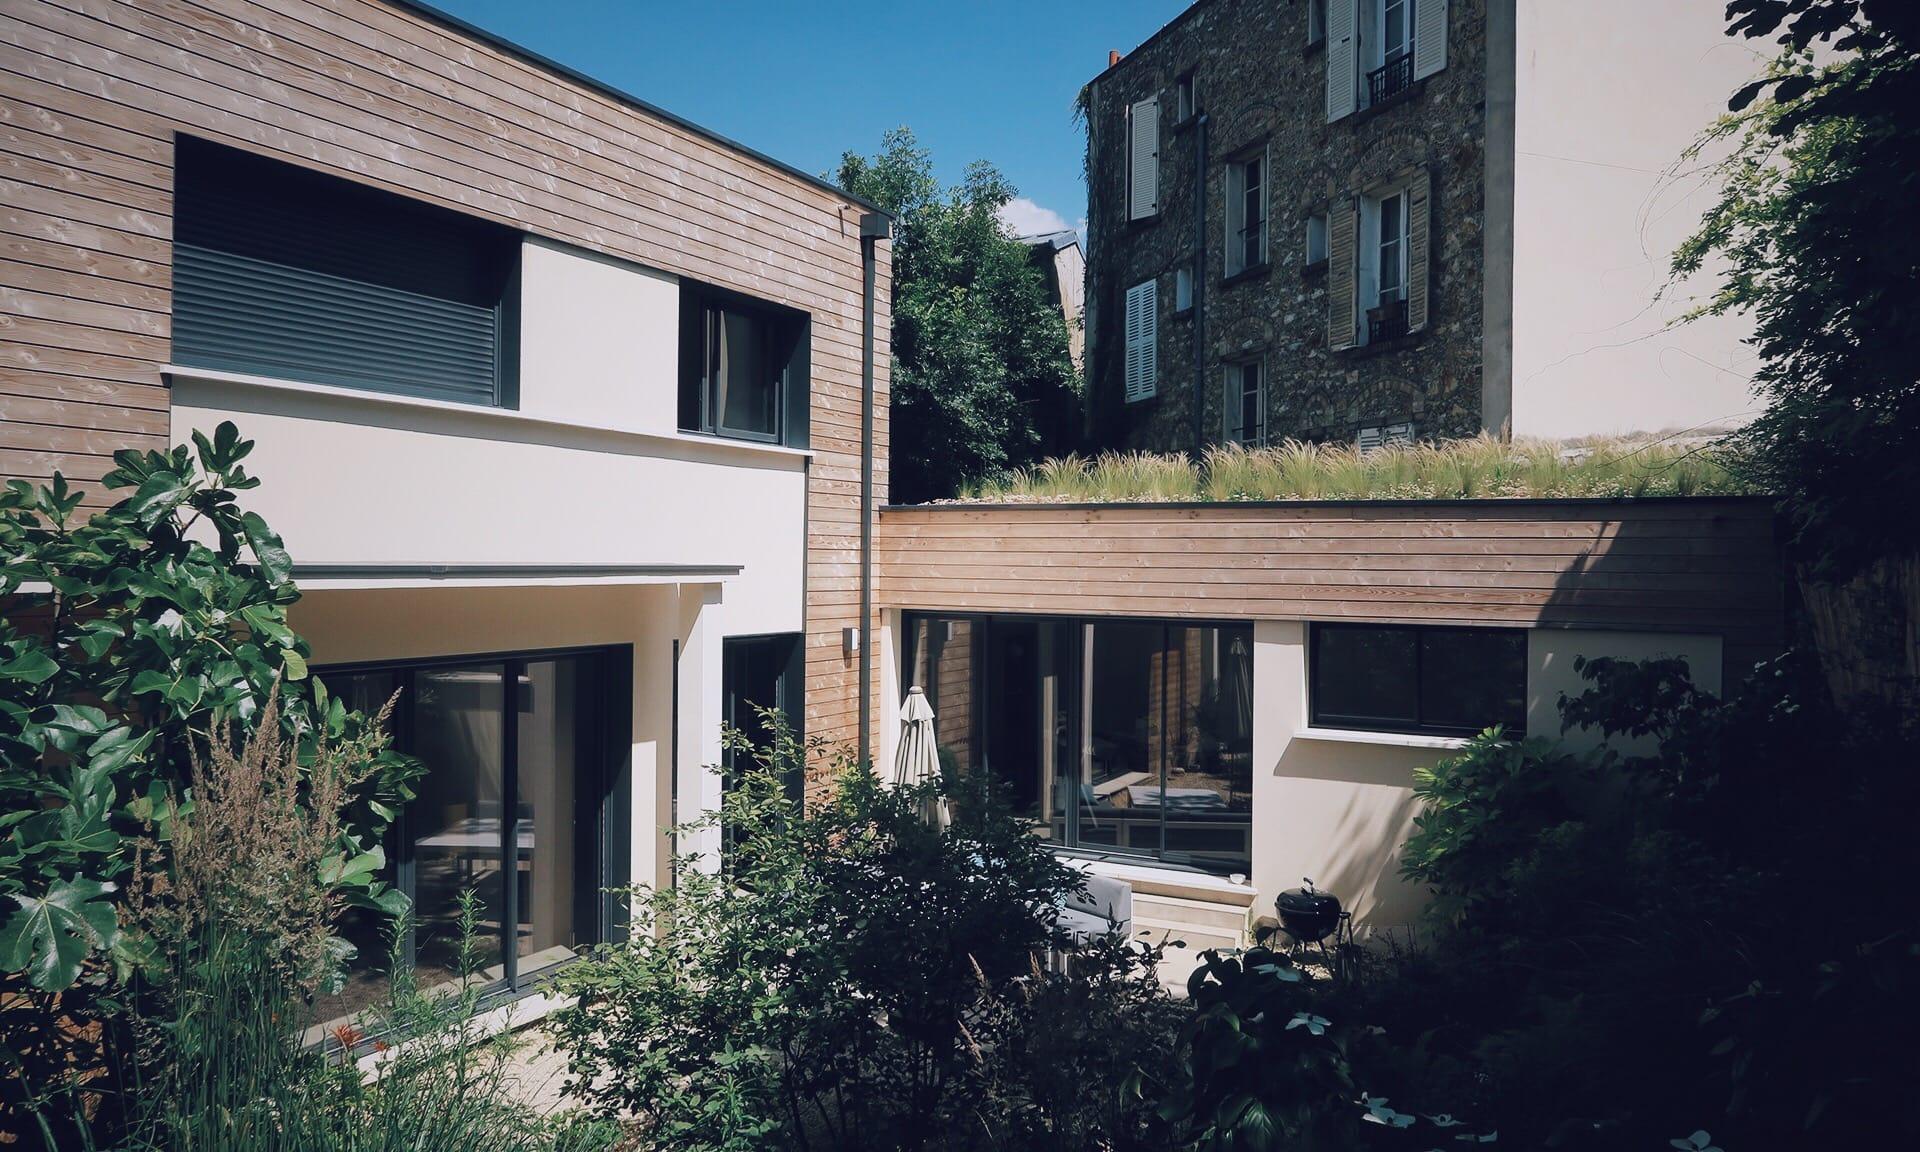 05_Nordscape_jardin-en-creux-toit-végétalisé-1